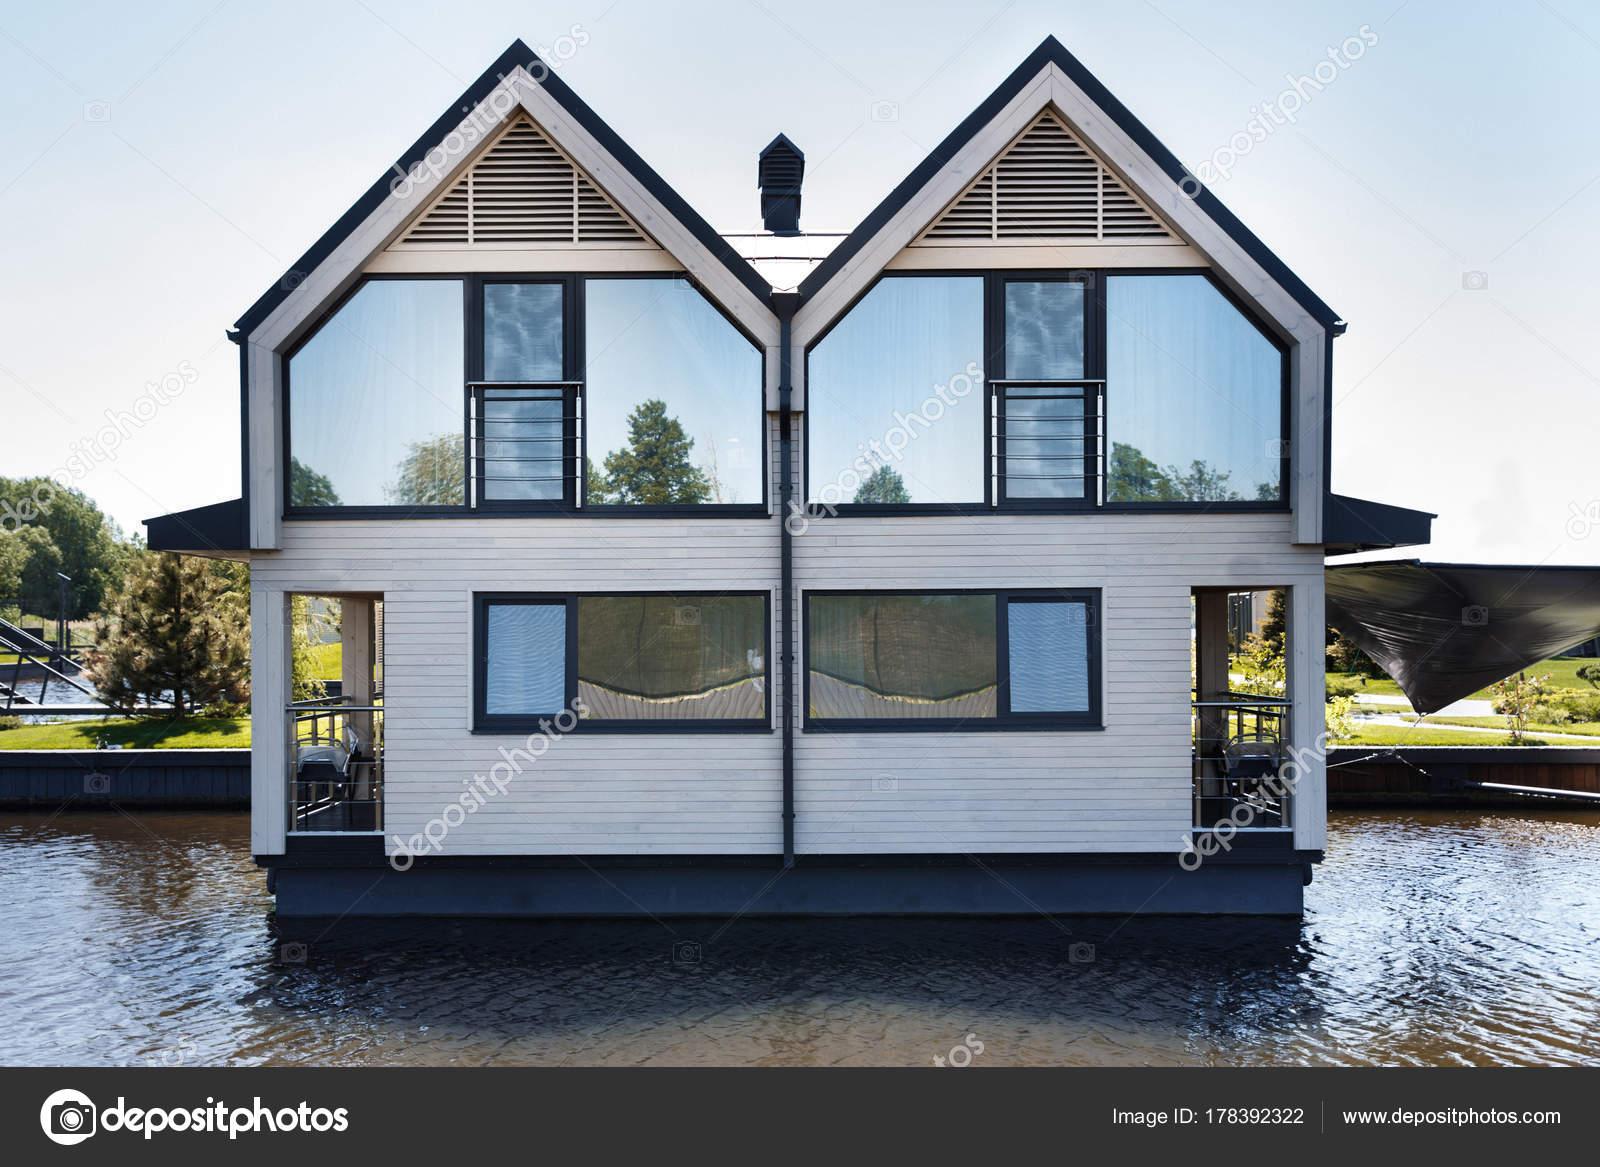 Maison Moderne Avec Des Fenêtres De Miroir Sur Le Lacu2013 Images De Stock  Libres De Droits